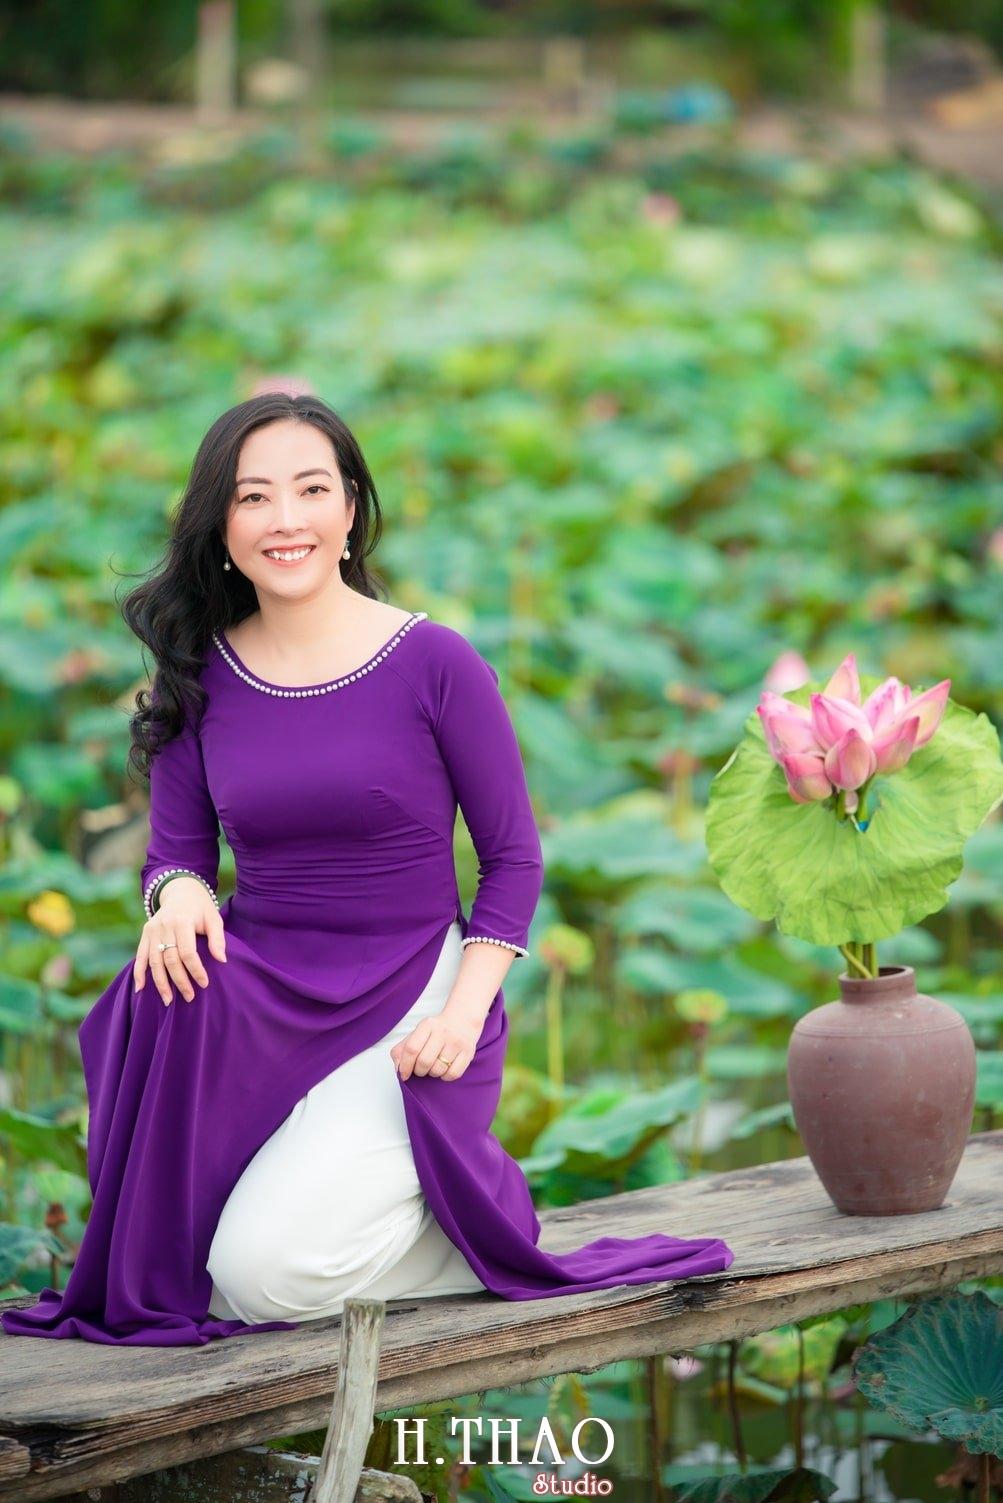 Anh Hoa sen tam da 9 - Bộ ảnh hoa sen với áo dài tím đẹp dễ thương - HThao Studio